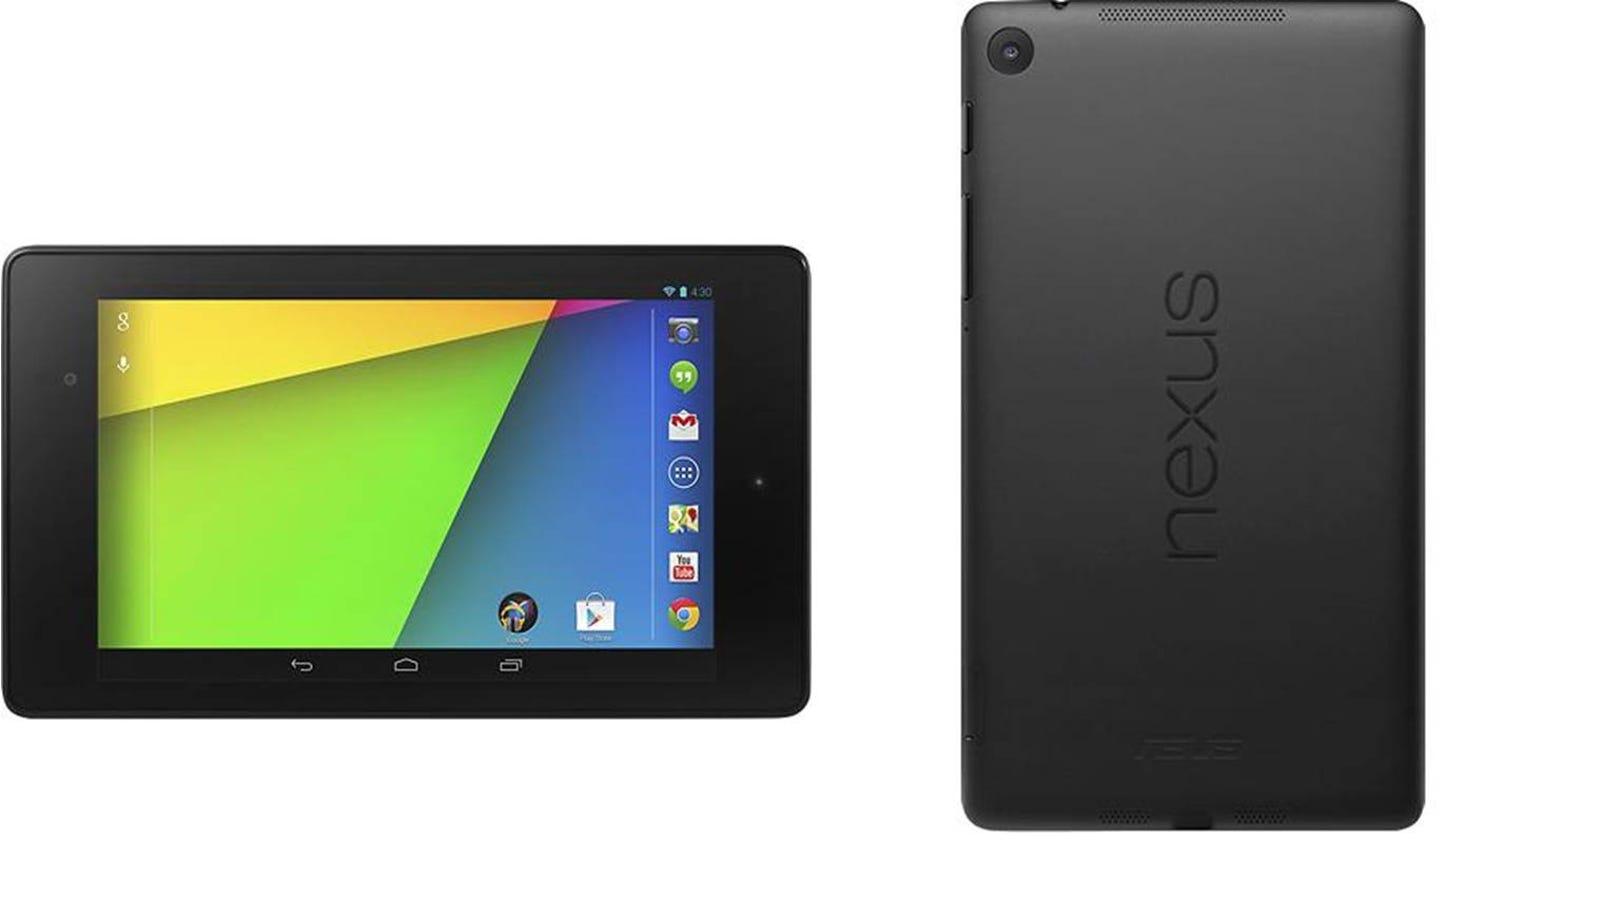 Hoy llega la nueva tableta Google Nexus 7, y ya sabemos cómo será